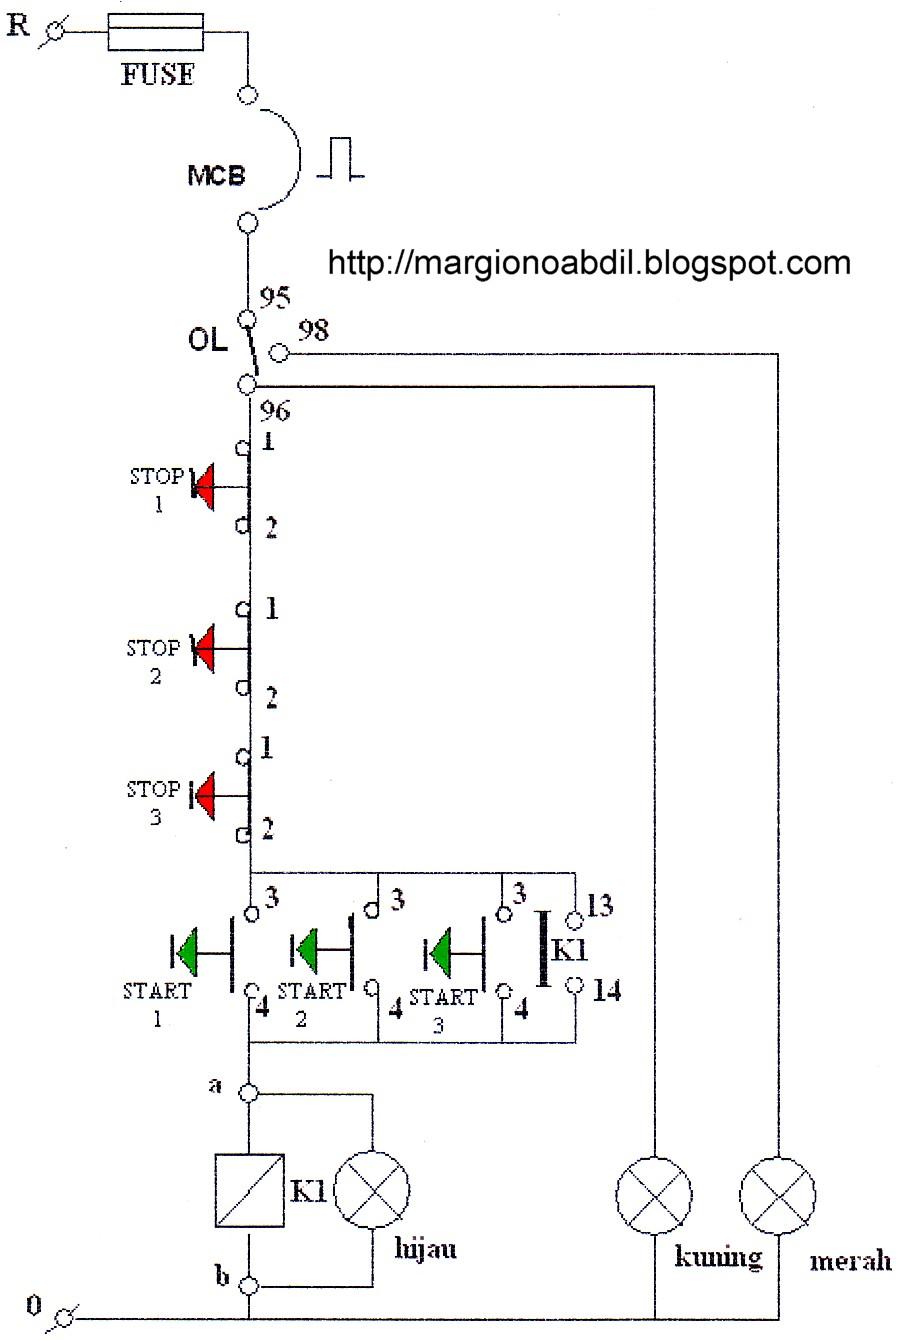 Bagirgiono abdil ber sebagai contoh di bawah ini akan disajikan diagram kontrol digaram utama dan diagram pengawatan instalasi motor induksi 3 fasa menggunakan kontaktor magnet ccuart Gallery